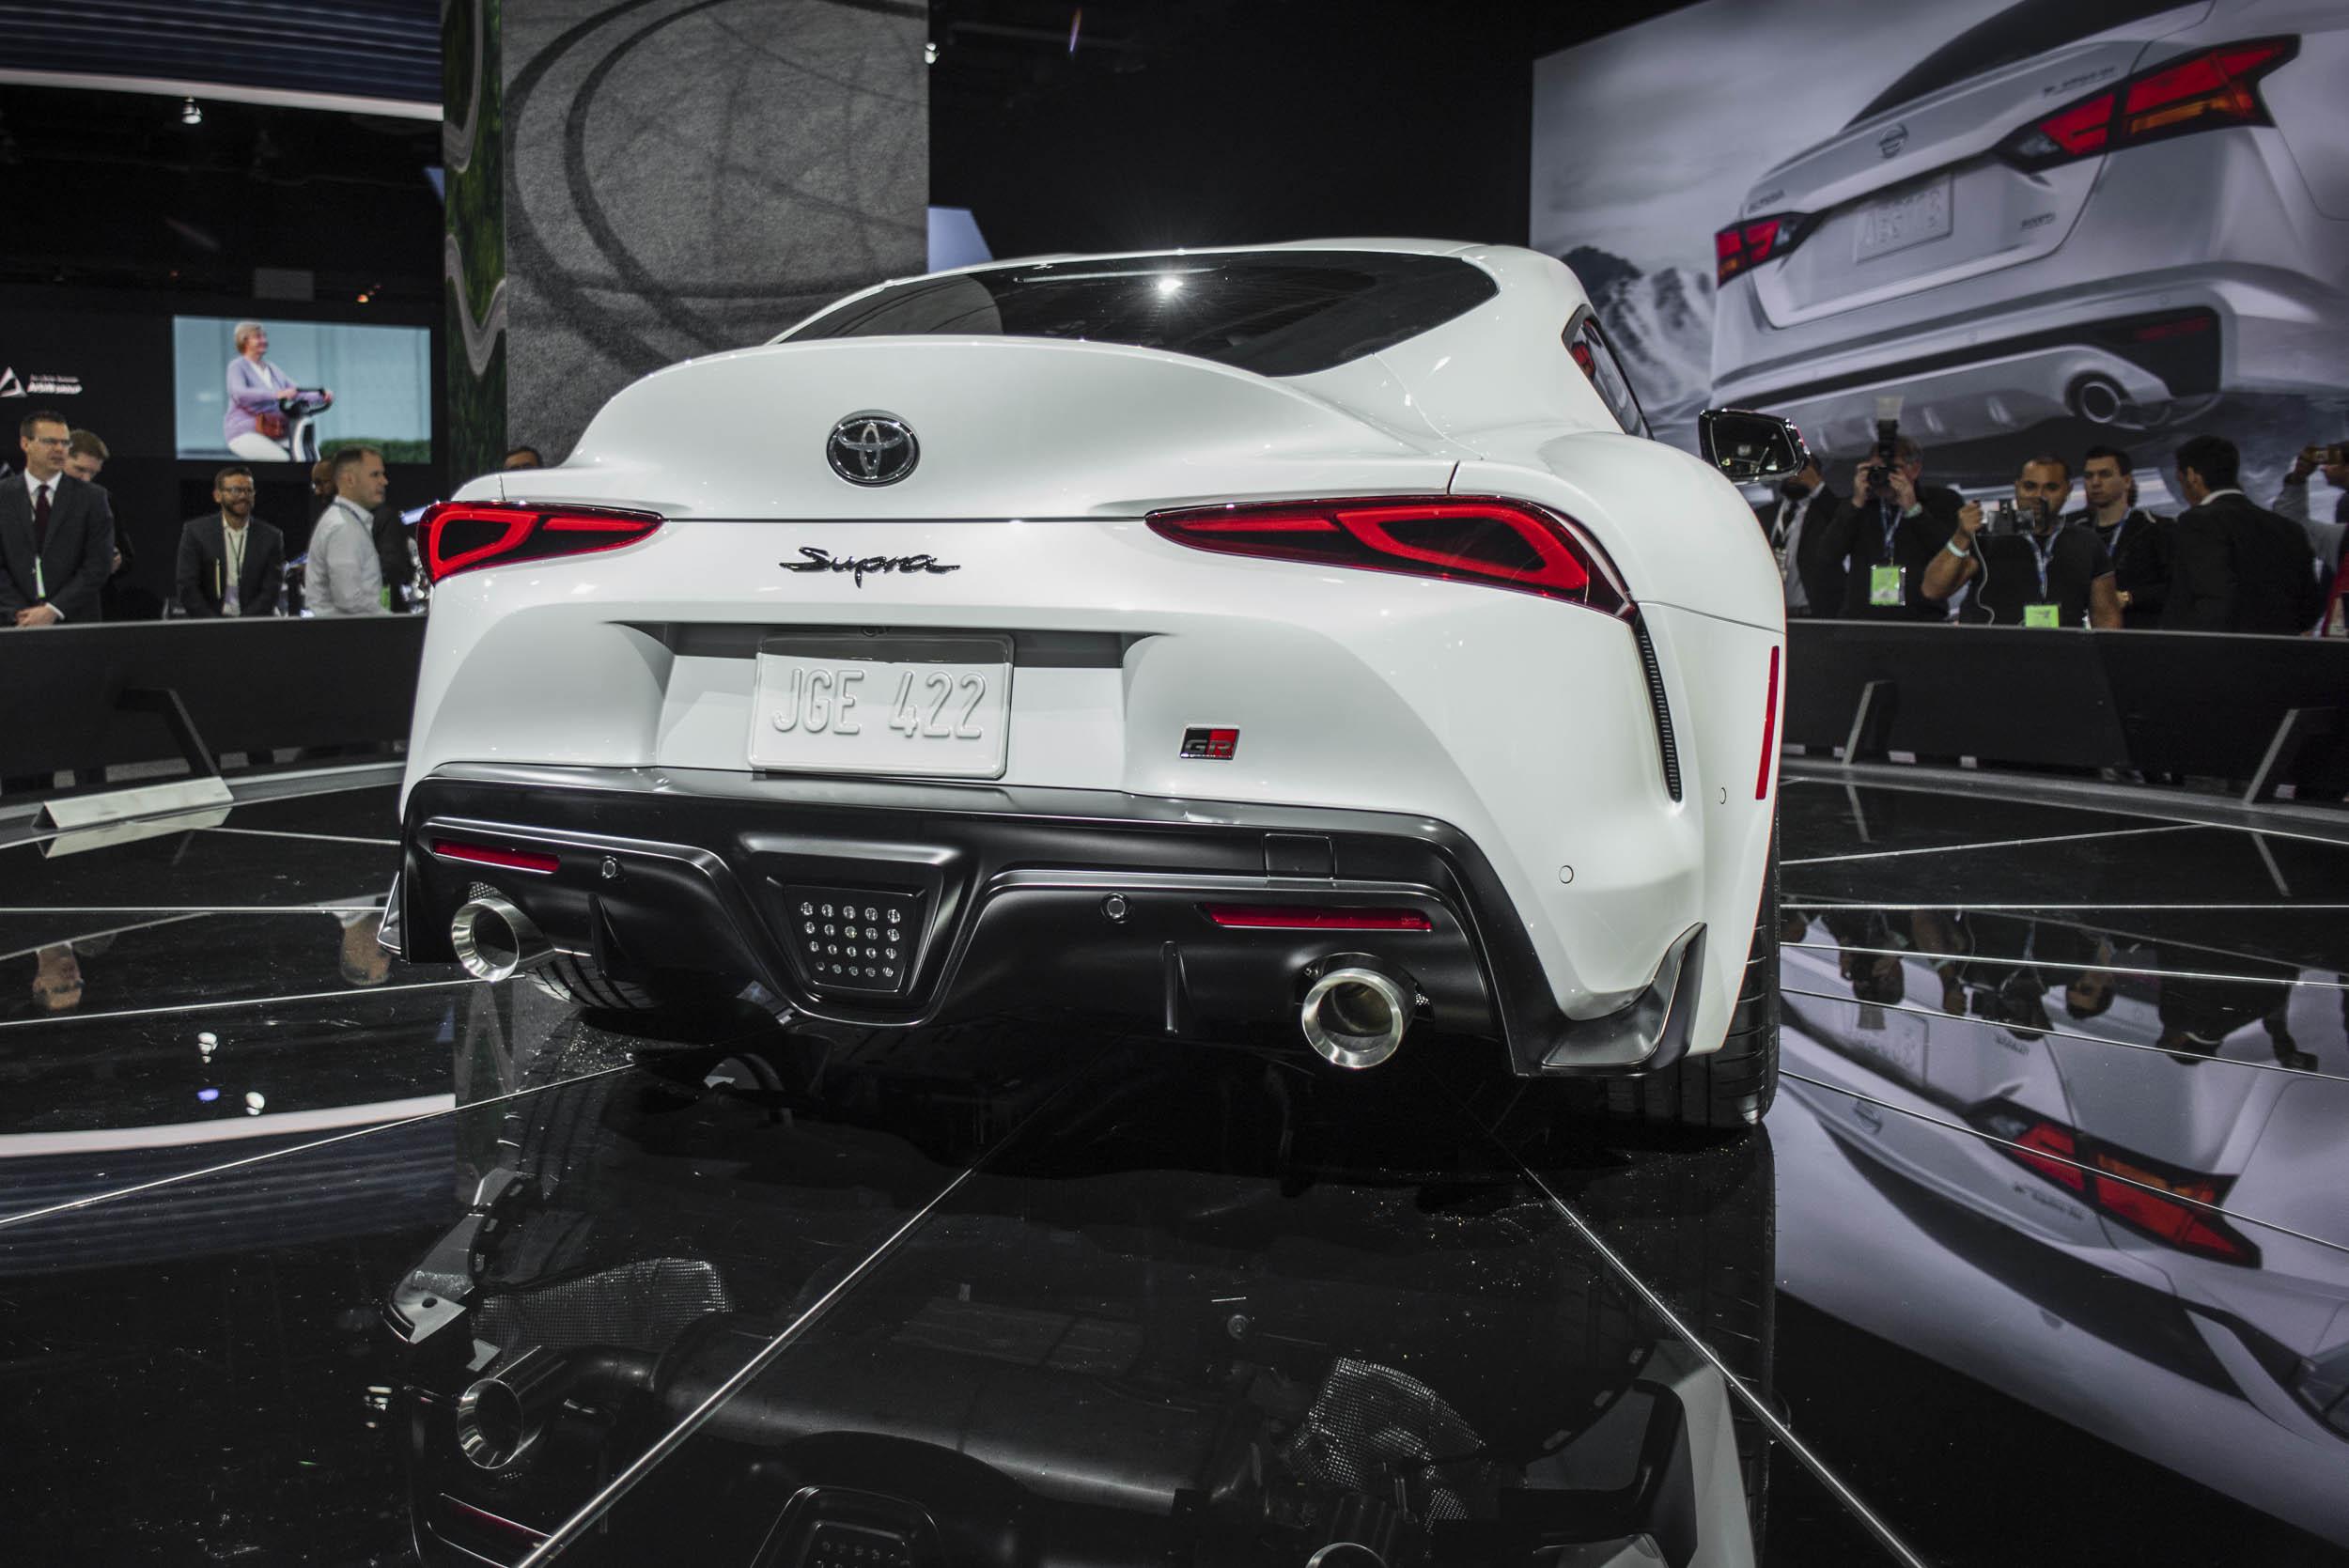 2020 Toyota Supra at the NAIAS